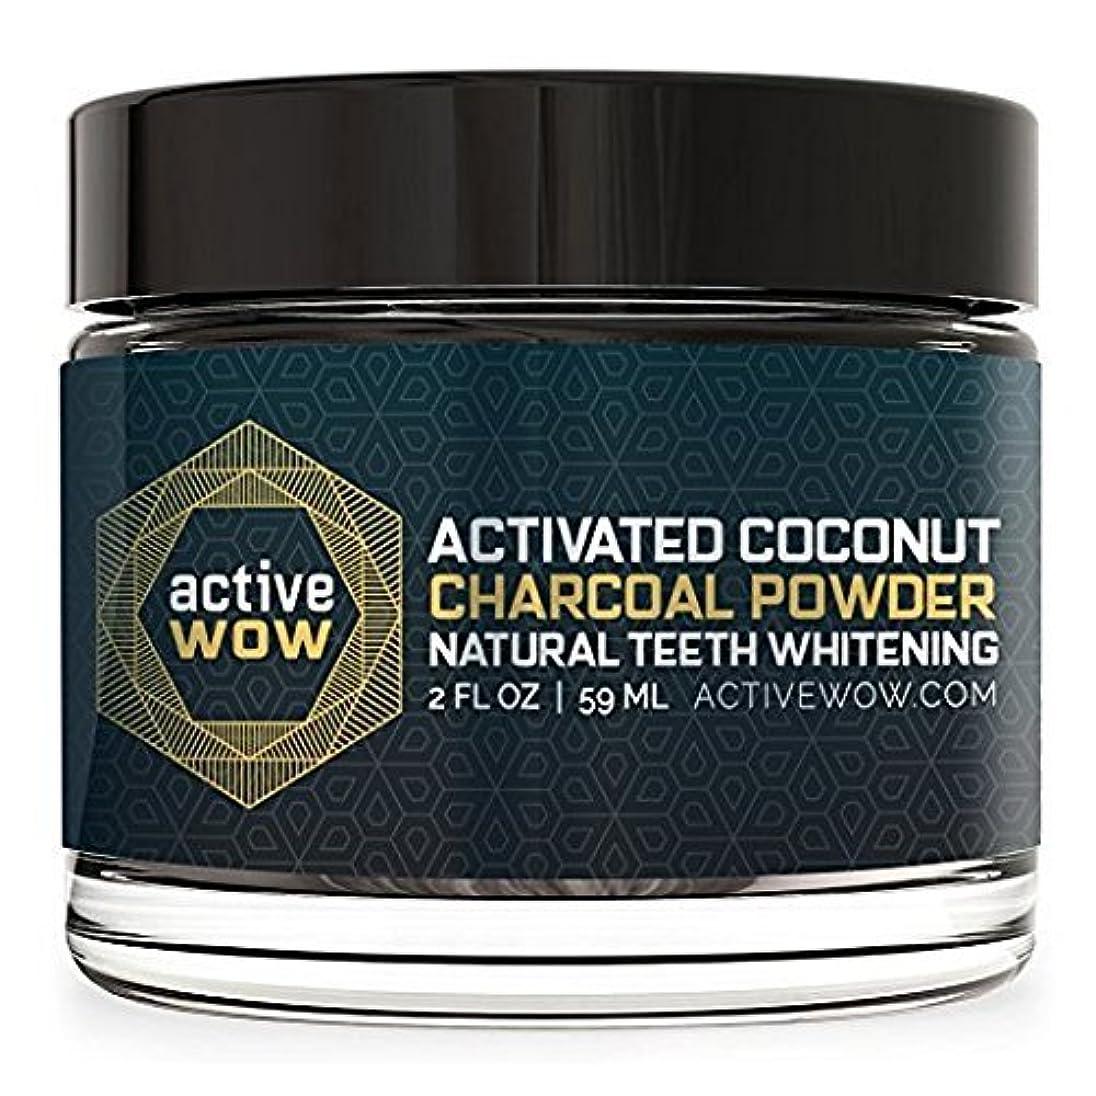 くさび流用する耳アメリカで売れている 炭パウダー歯のホワイトニング Teeth Whitening Charcoal Powder Natural [並行輸入品]